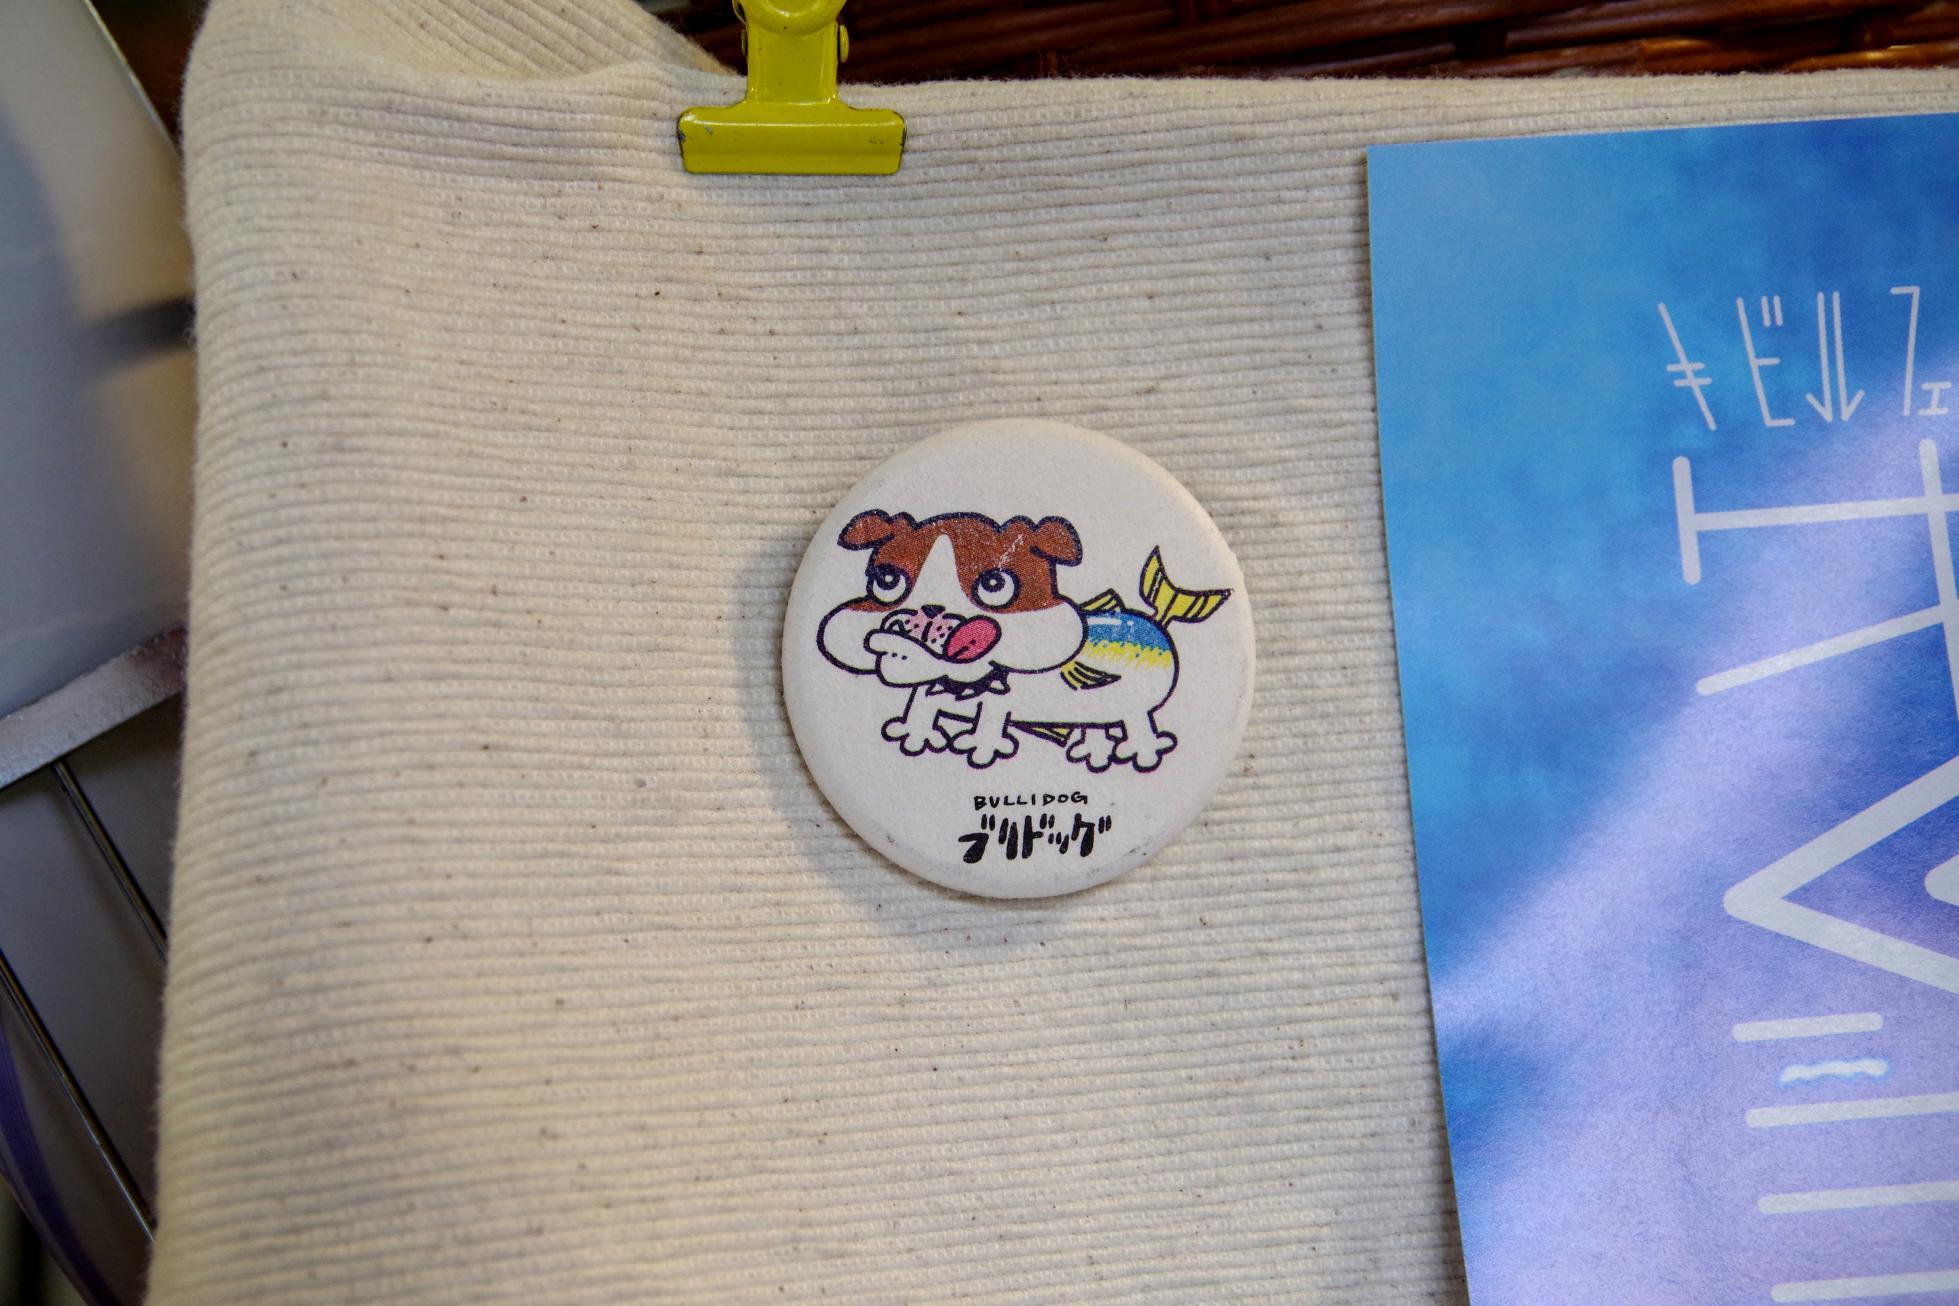 吉永製パン所で売られていたブリドッグ